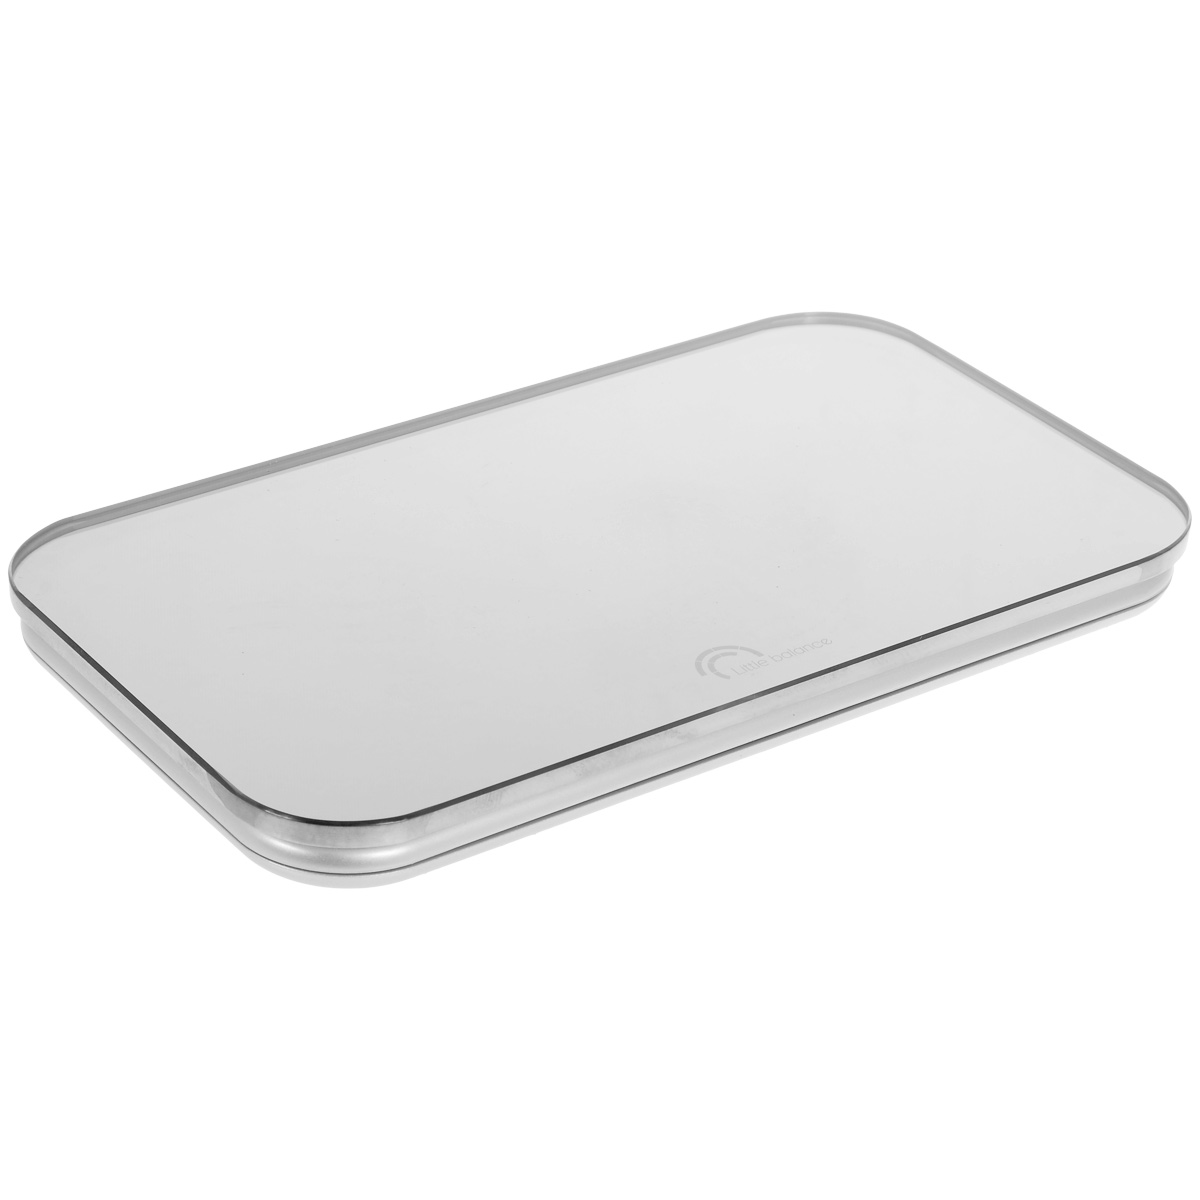 Весы напольные Little balance Nomade, цвет: стальной, зеркальныйPW 5661 FAНапольные весы Little balance Nomade просты и удобны в эксплуатации. Горизонтальная платформа изготовлена из качественного высокопрочного стекла, выдерживающего вес до 150 кг, и имеет зеркальную отделку. Корпус выполнен из полимерных материалов. Оснащены выдвигающимся цифровым дисплеем. Весы работают на батарейке типа CR2032 (входит в комплект). Прилагается инструкция по эксплуатации на русском языке.Материал: стекло, полимерные материалы.Размер: 23 см x 13 см x 2 см. Размер дисплея: 6 см x 2,9 см.